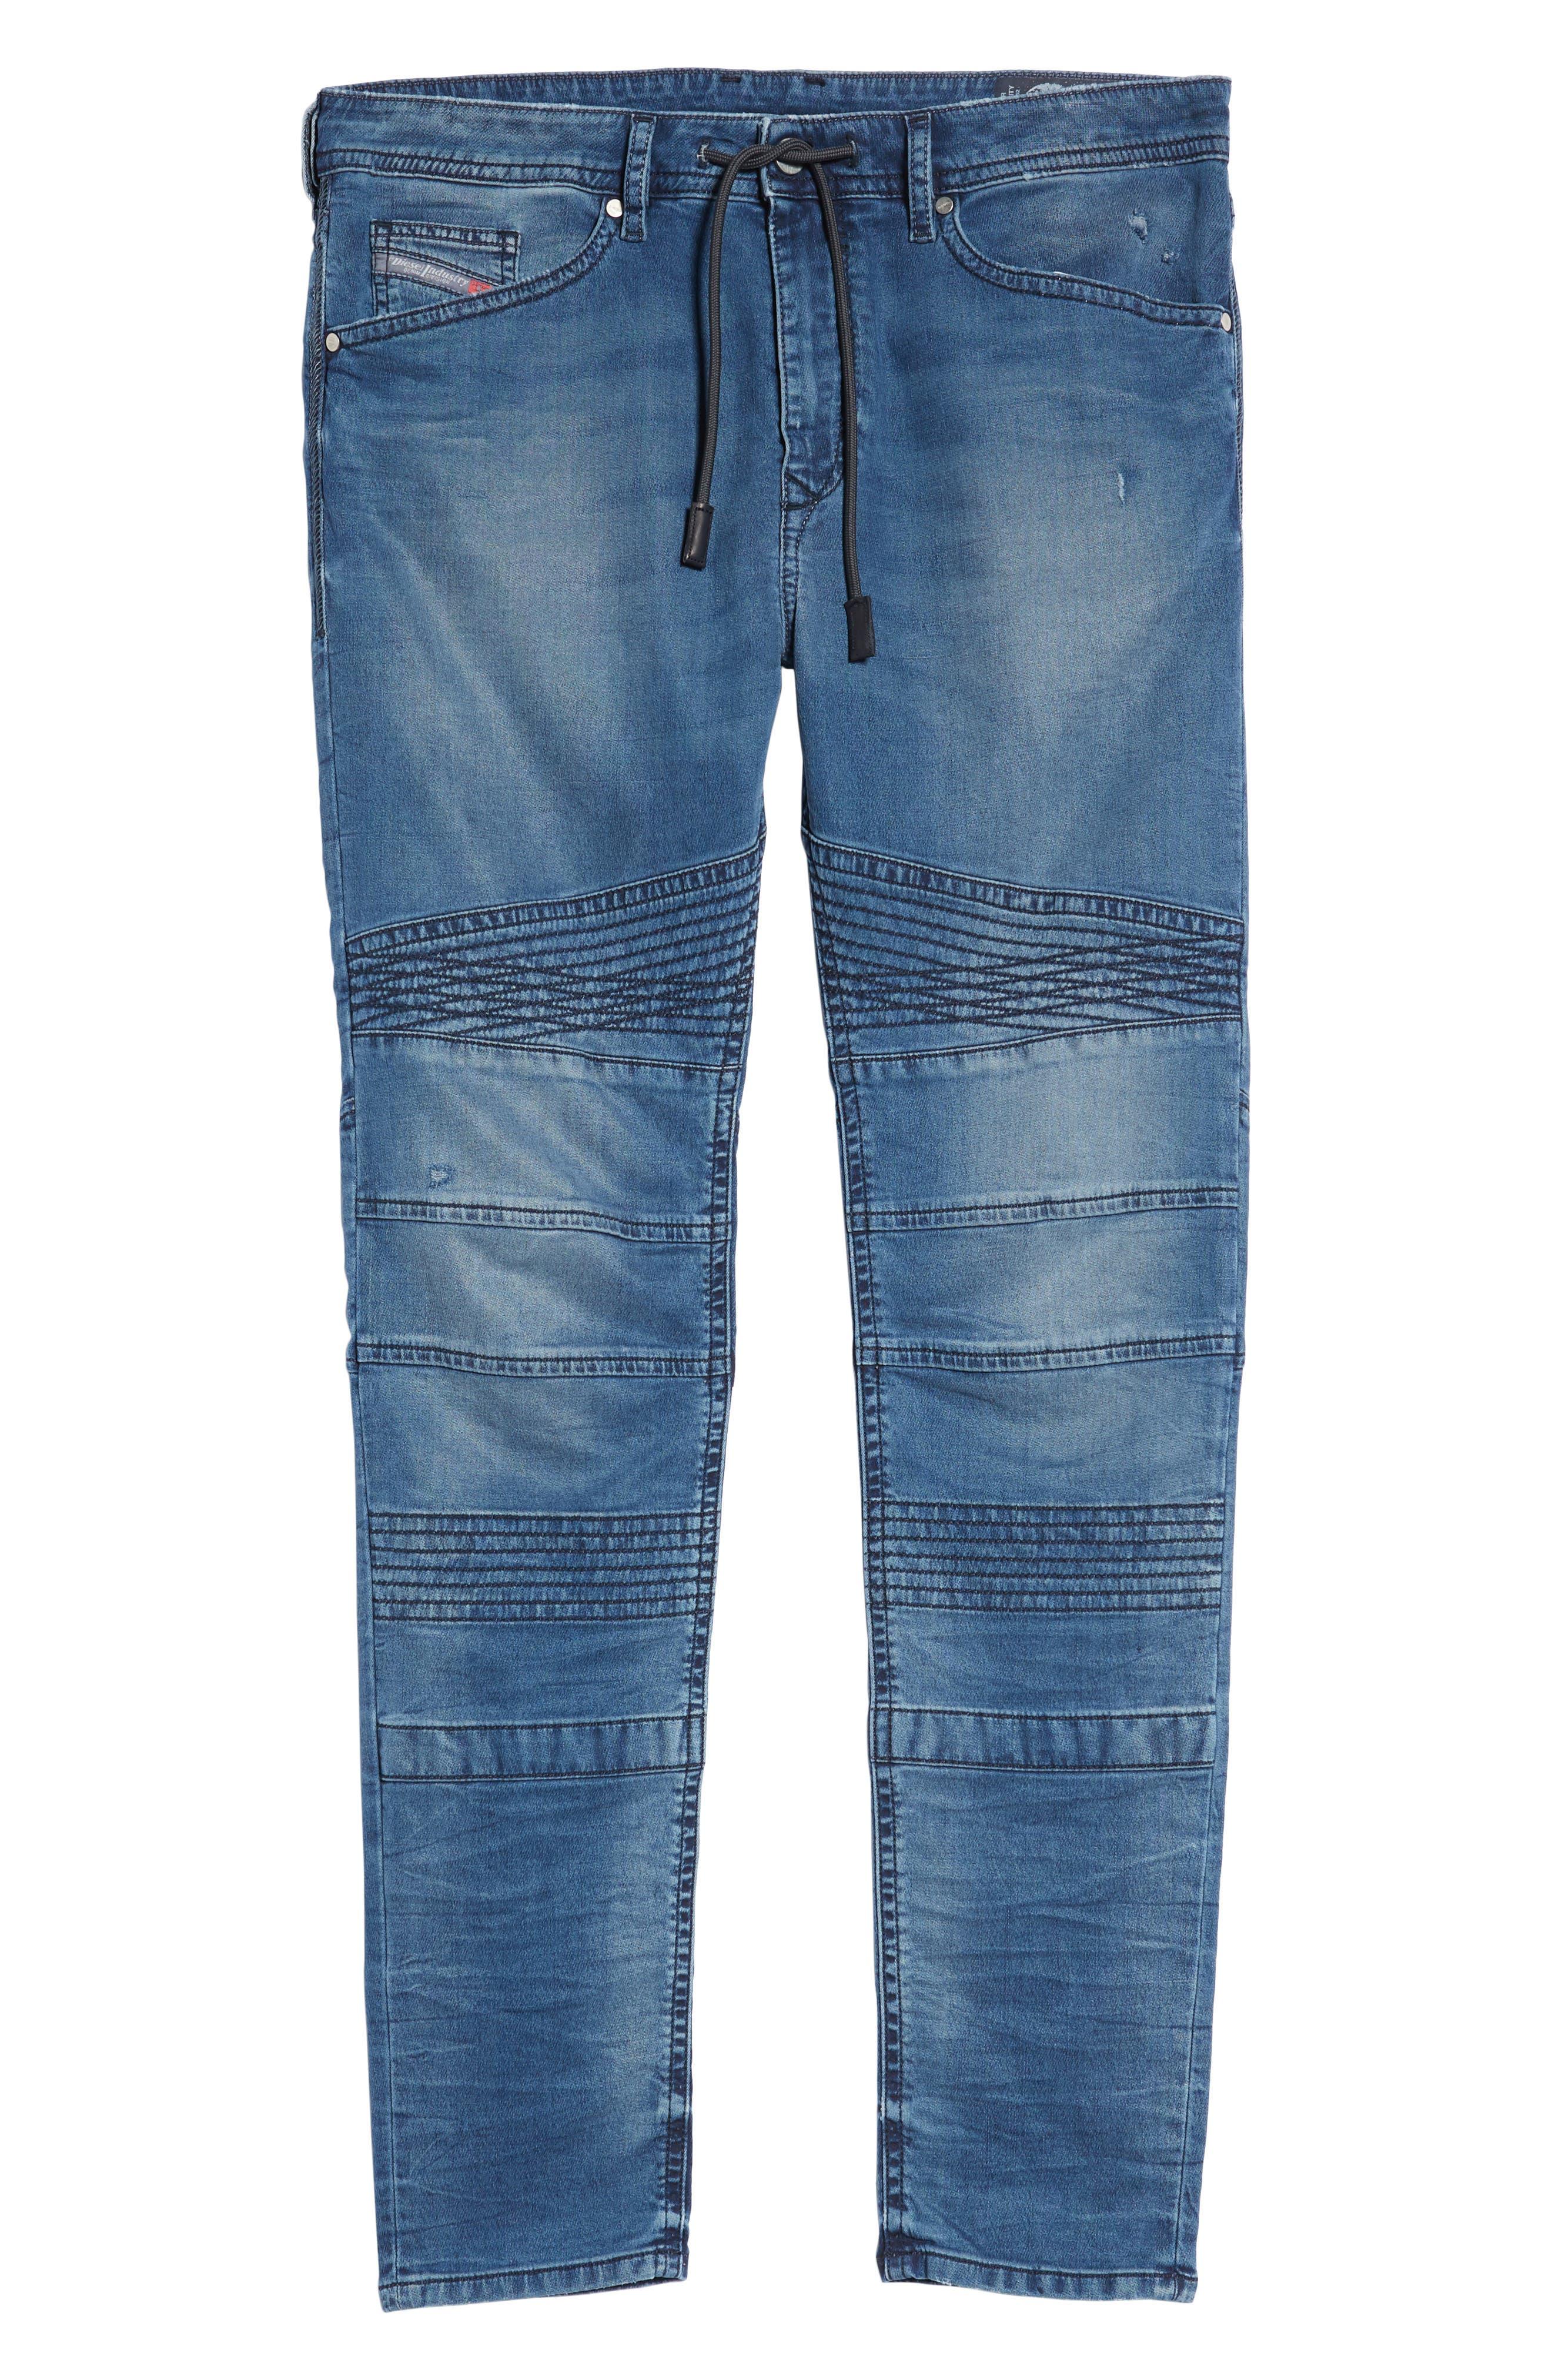 Bakari Skinny Fit Jeans,                             Alternate thumbnail 6, color,                             0688Y